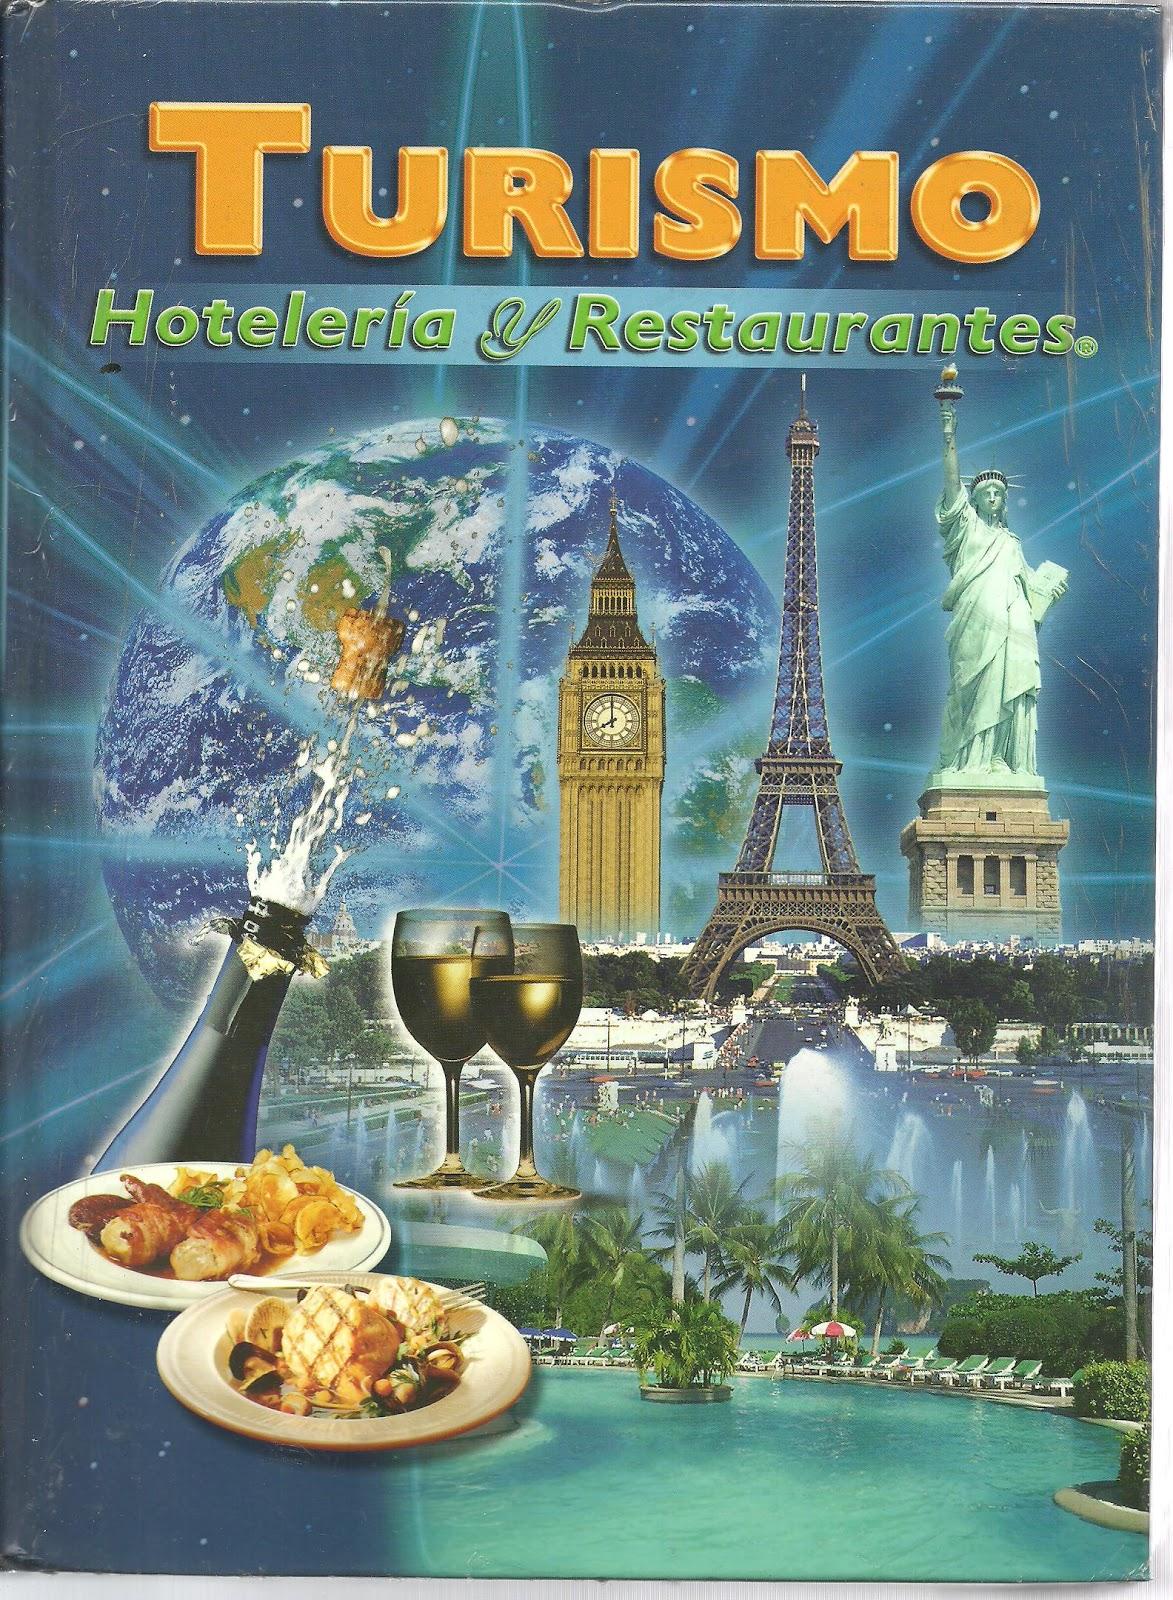 hoteleria y turismo internacional: